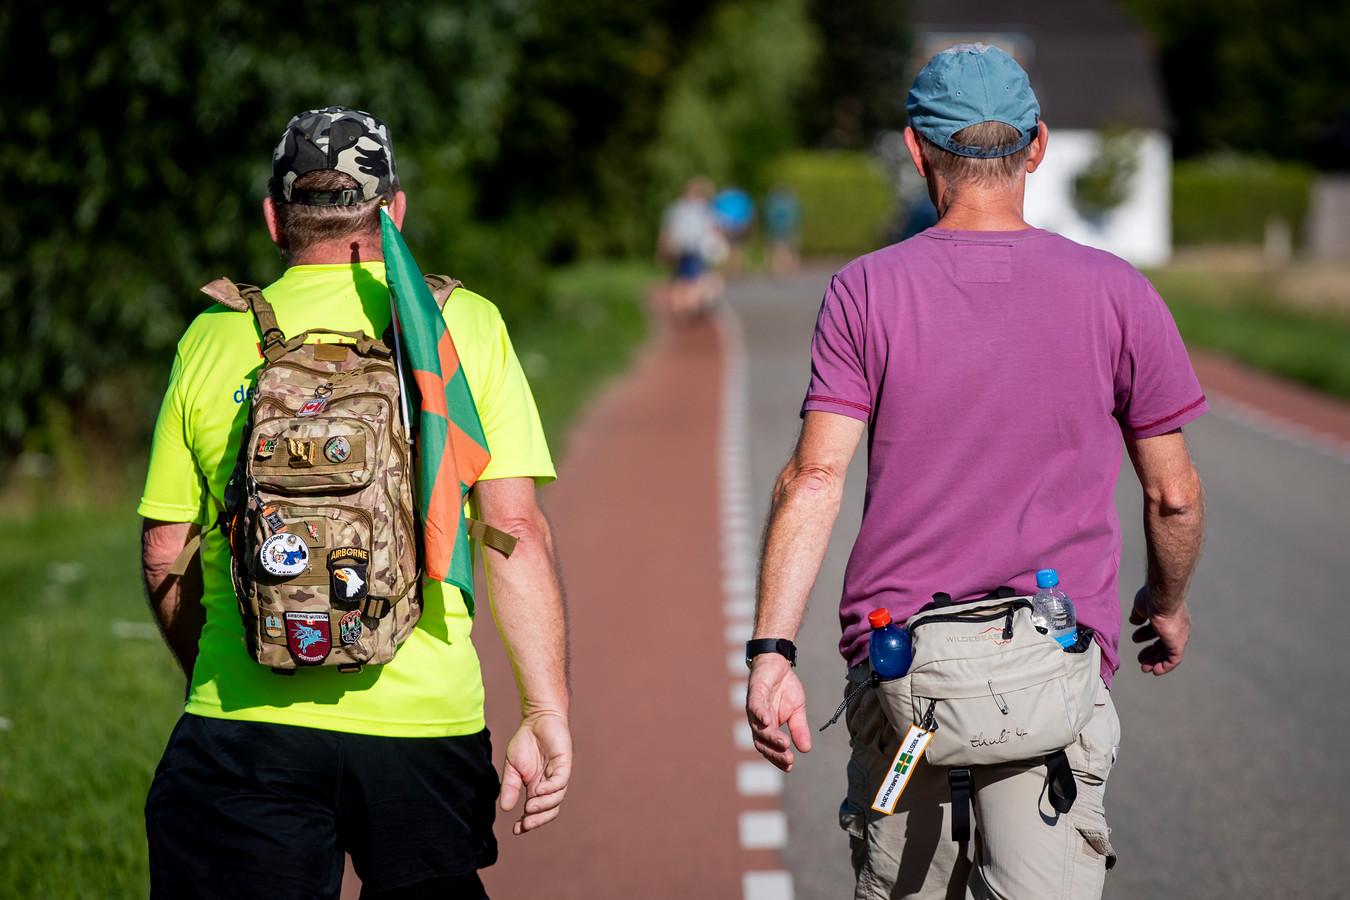 Deelnemers aan de Alternatieve Vierdaagse dragen een vlag van de Nijmeegse Vierdaagse bij zich op de dag dat de 104e editie van start had moeten gaan.